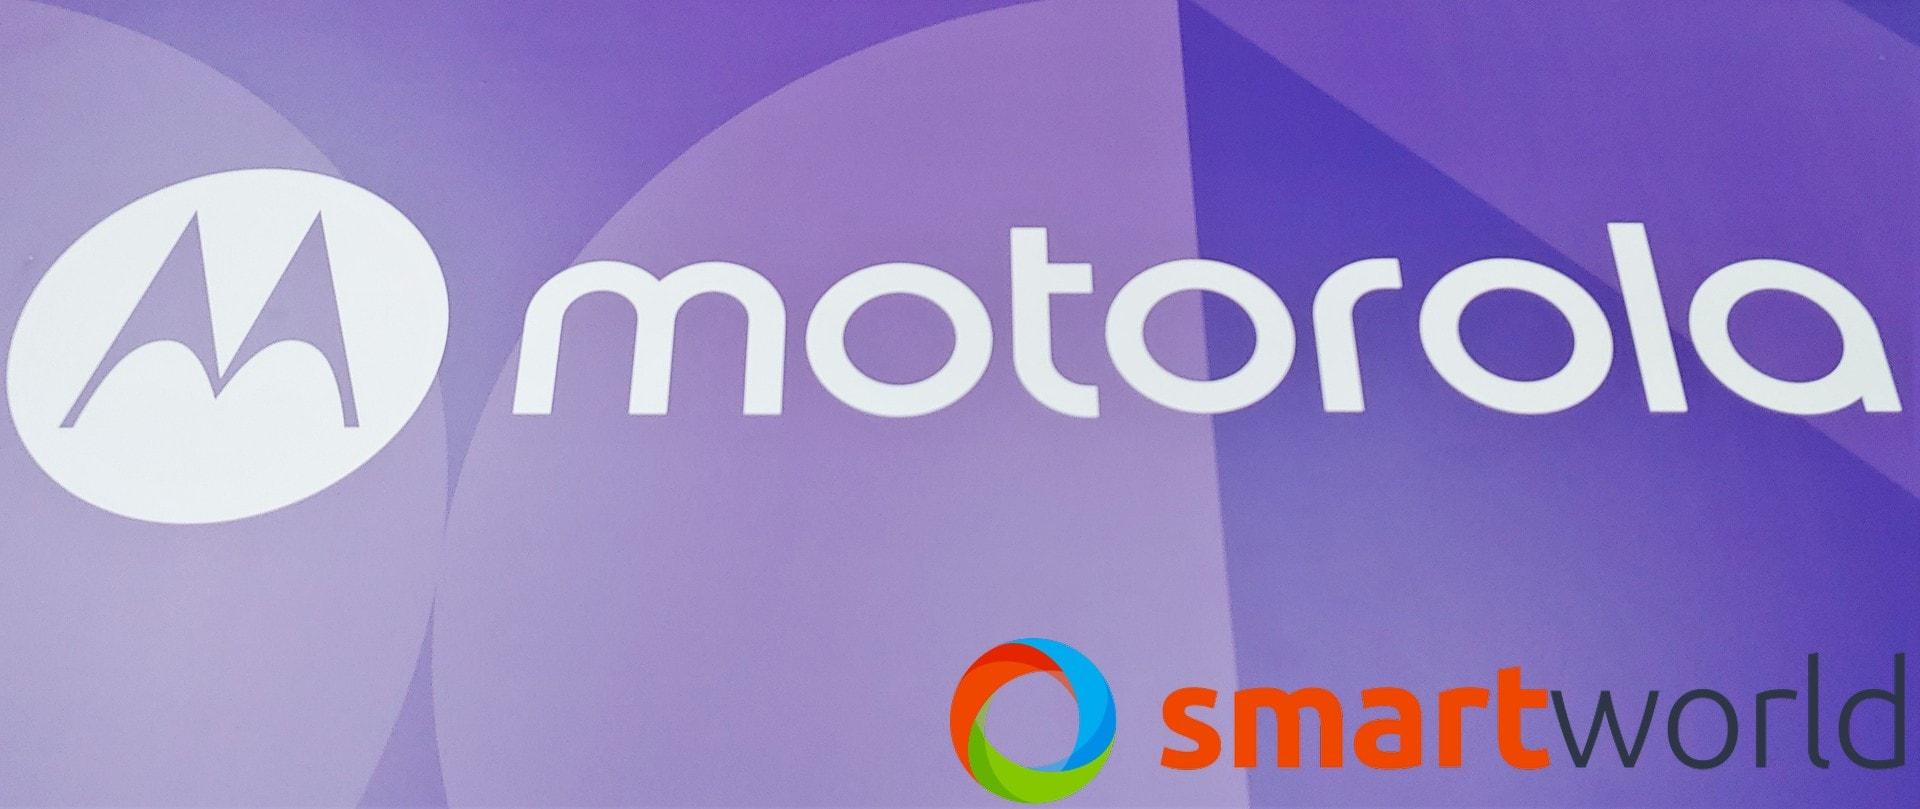 Motorola ha adocchiato un prossimo ingresso nel mondo degli smartphone rugged